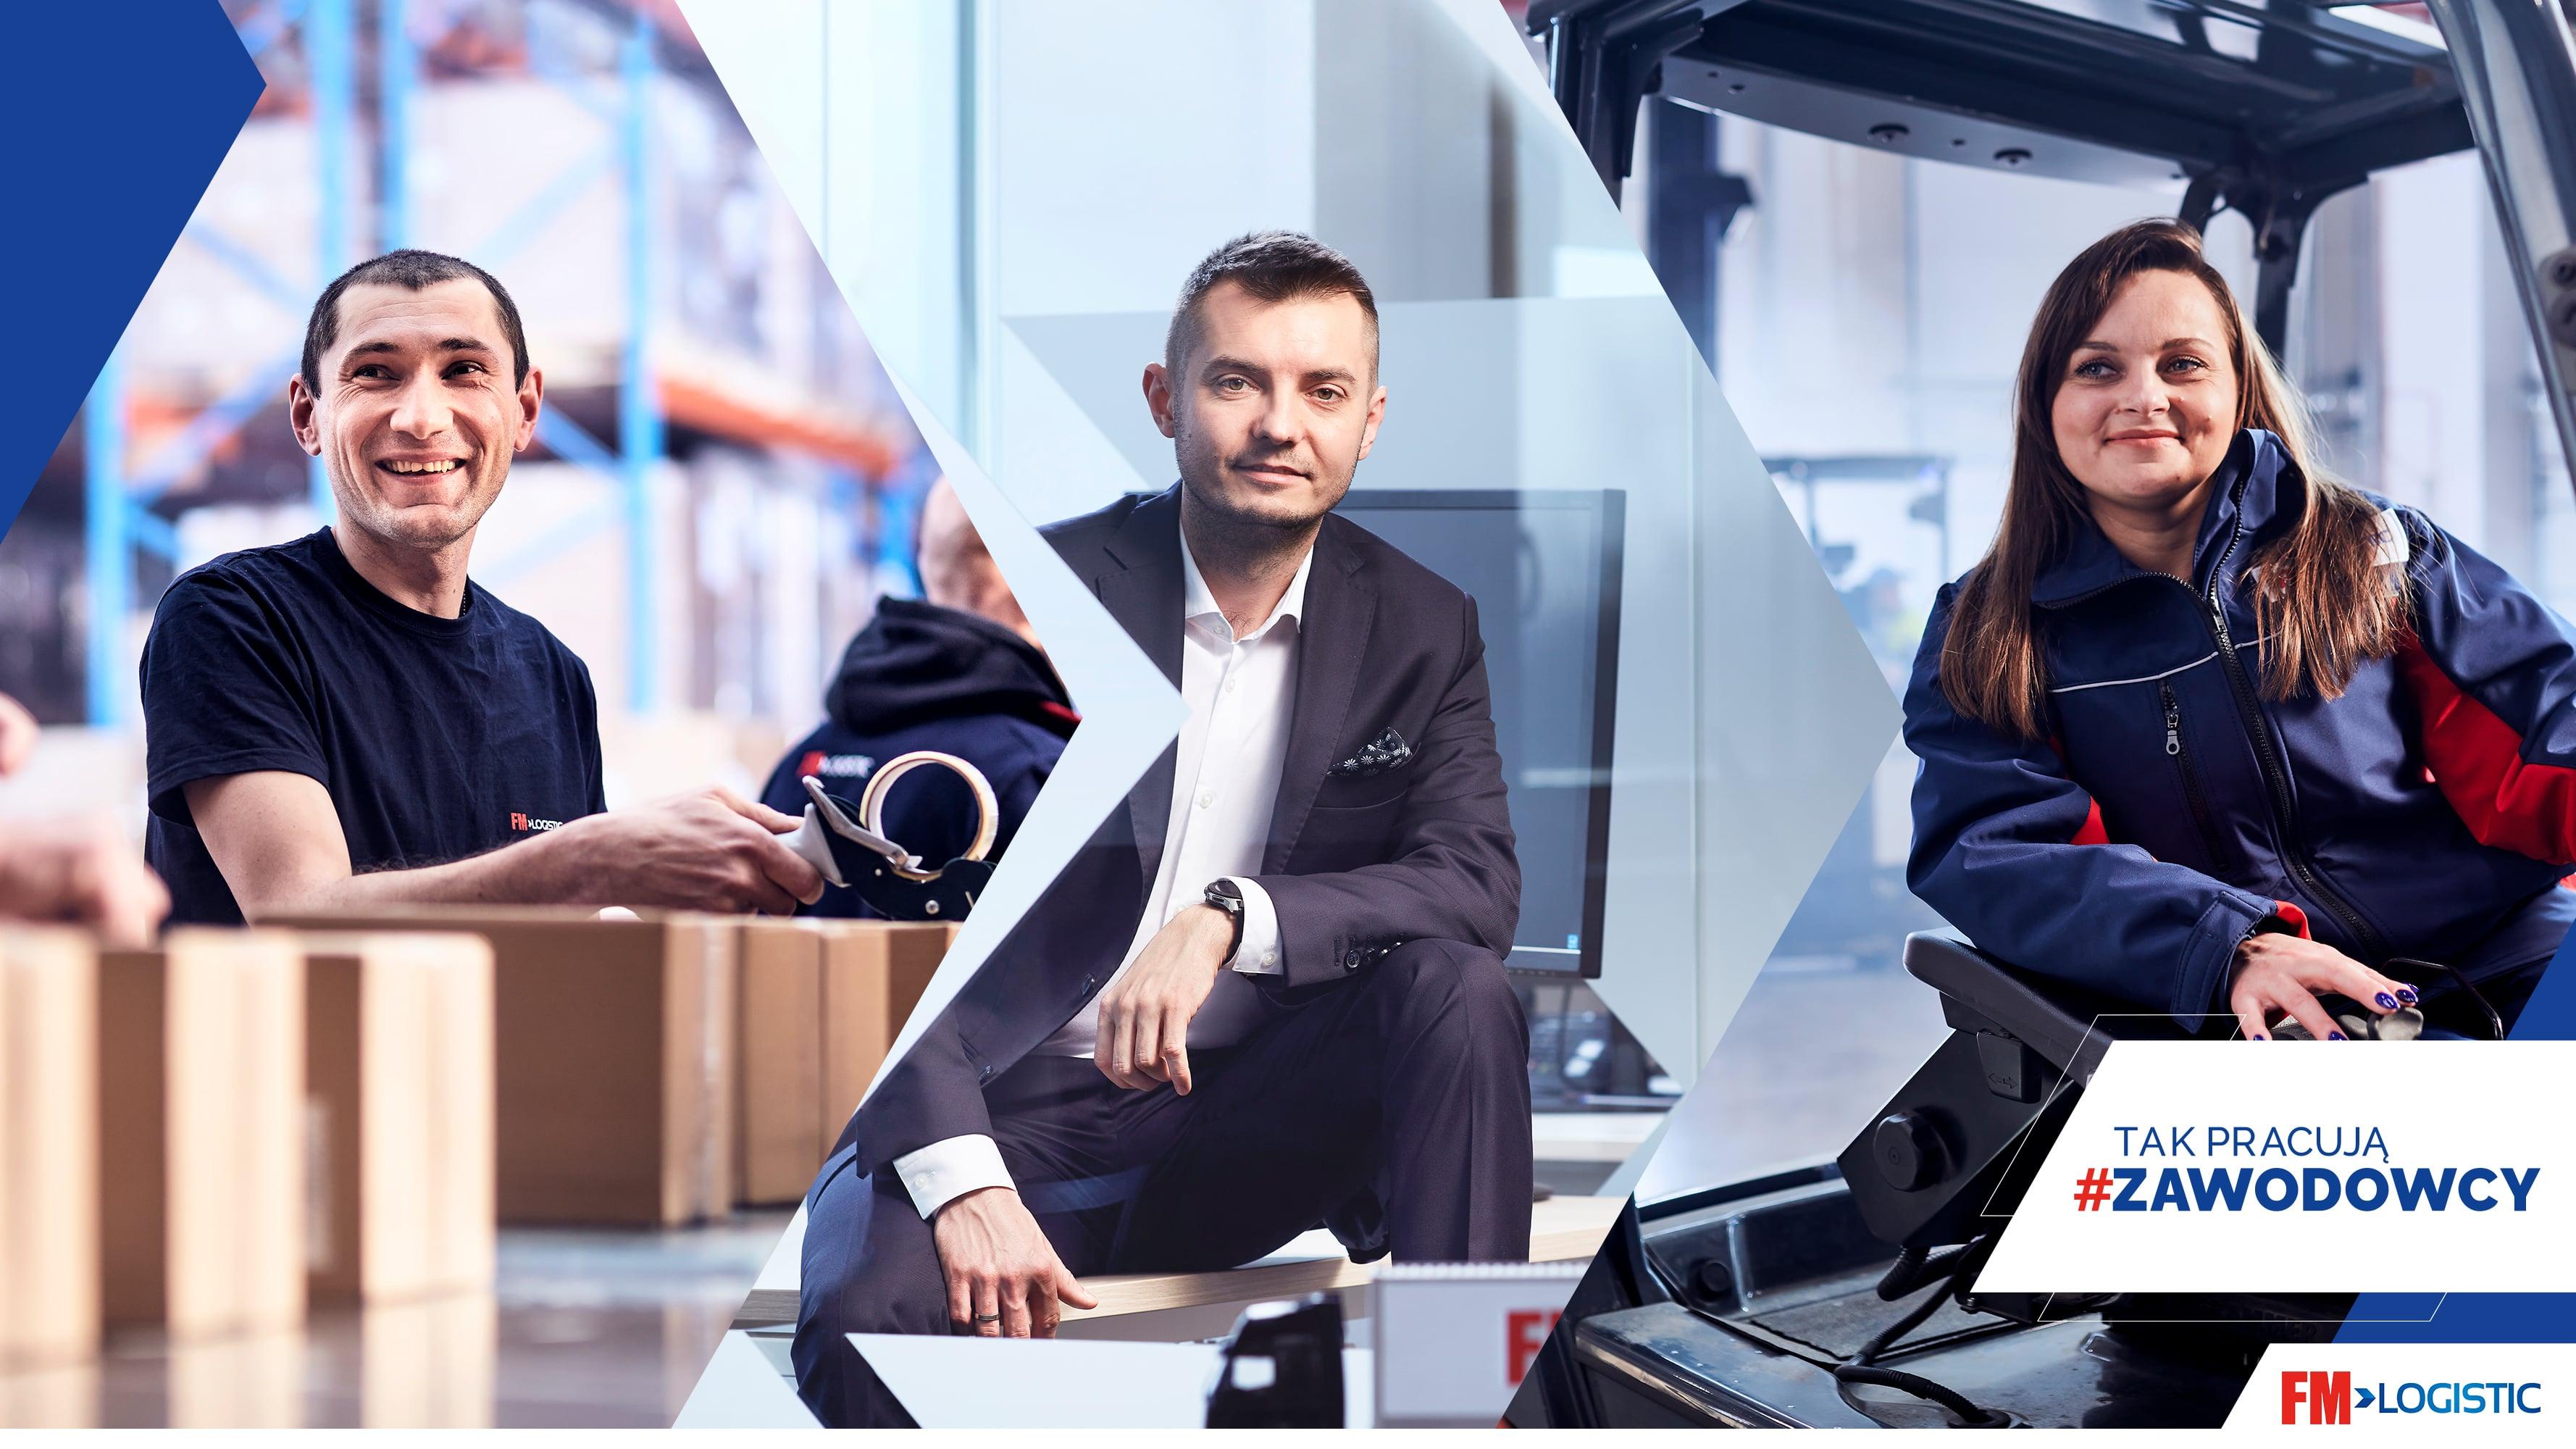 FM Logistic rusza z nową kampanią wizerunkową w czterech krajach